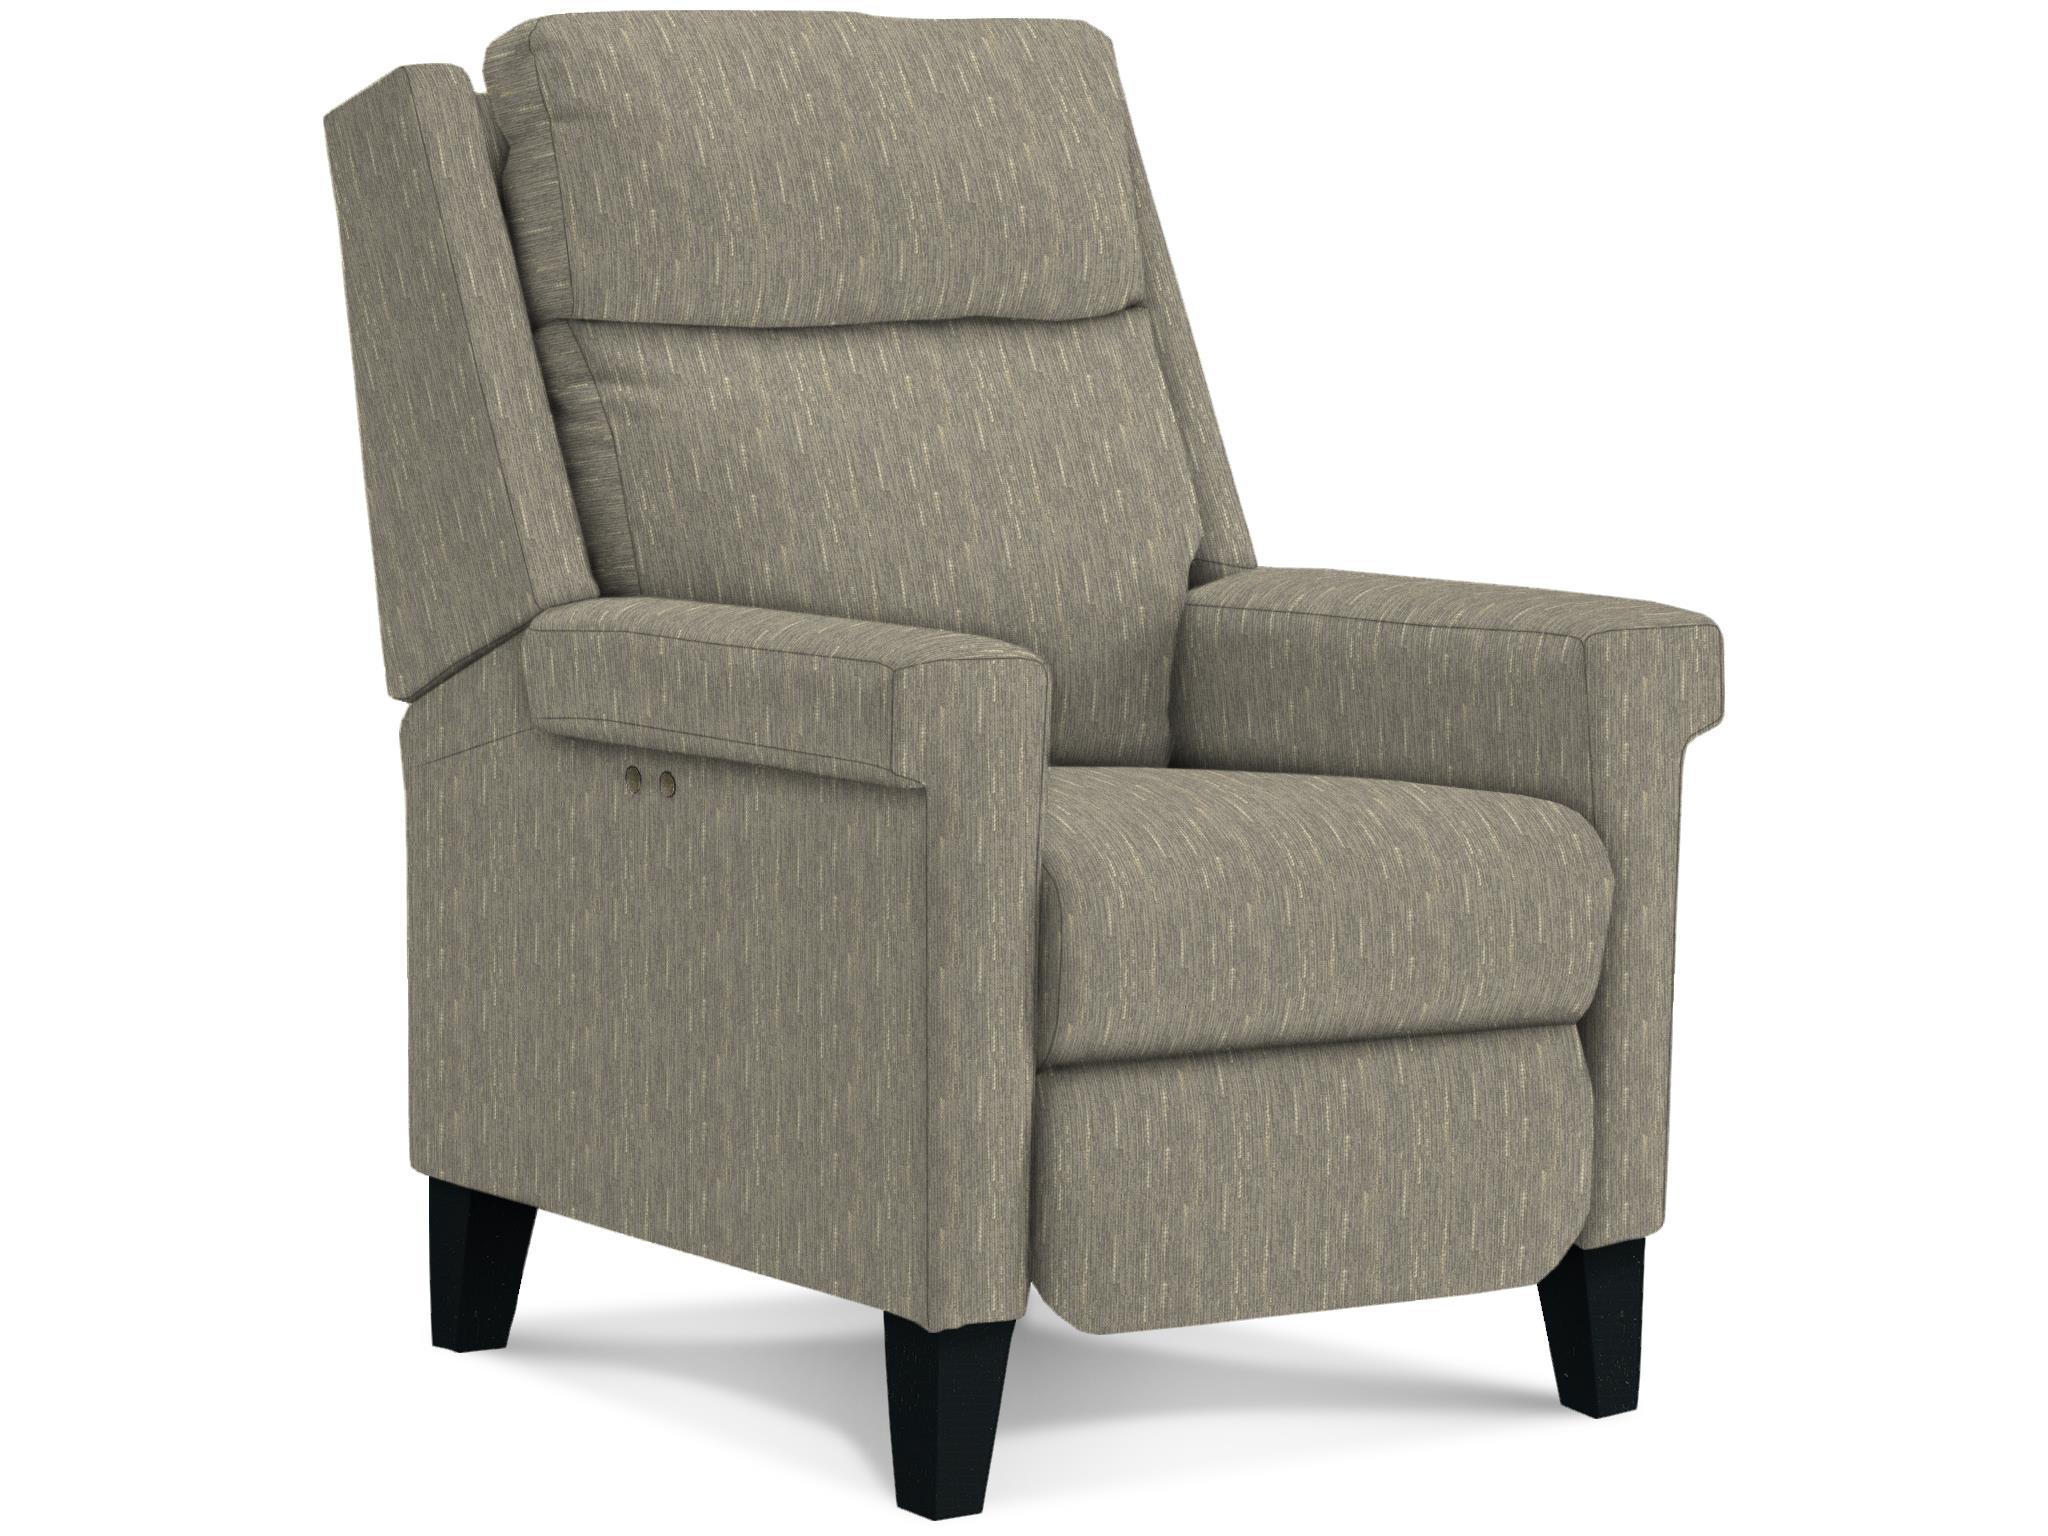 Miraculous Best Home Furnishings 3Lz40Ab 20103 Prima Collection Fog Inzonedesignstudio Interior Chair Design Inzonedesignstudiocom